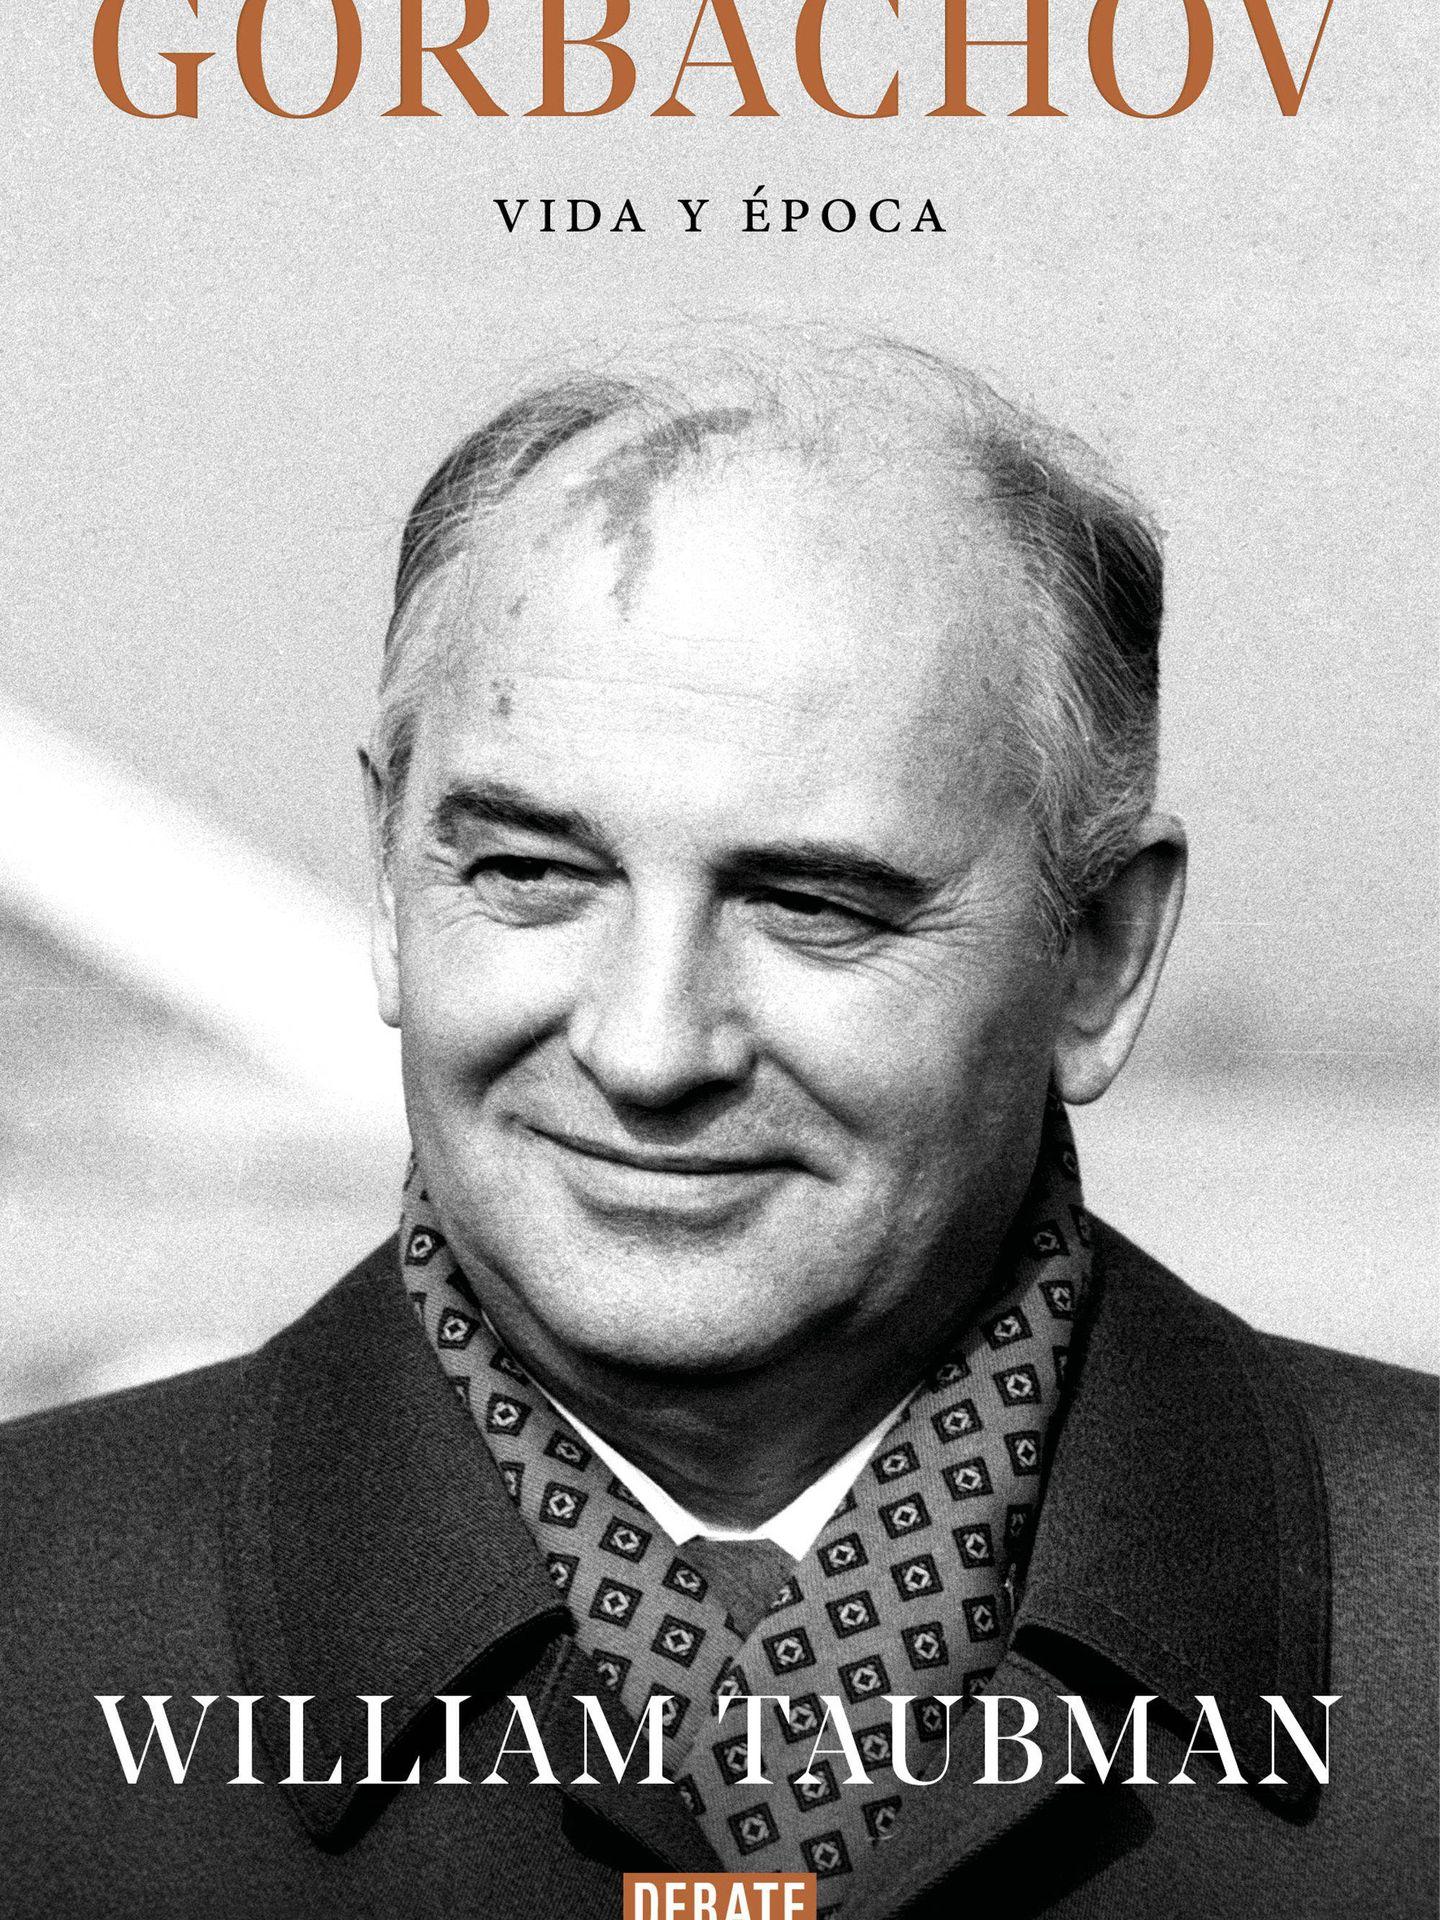 'Gorbachov' (Debate)